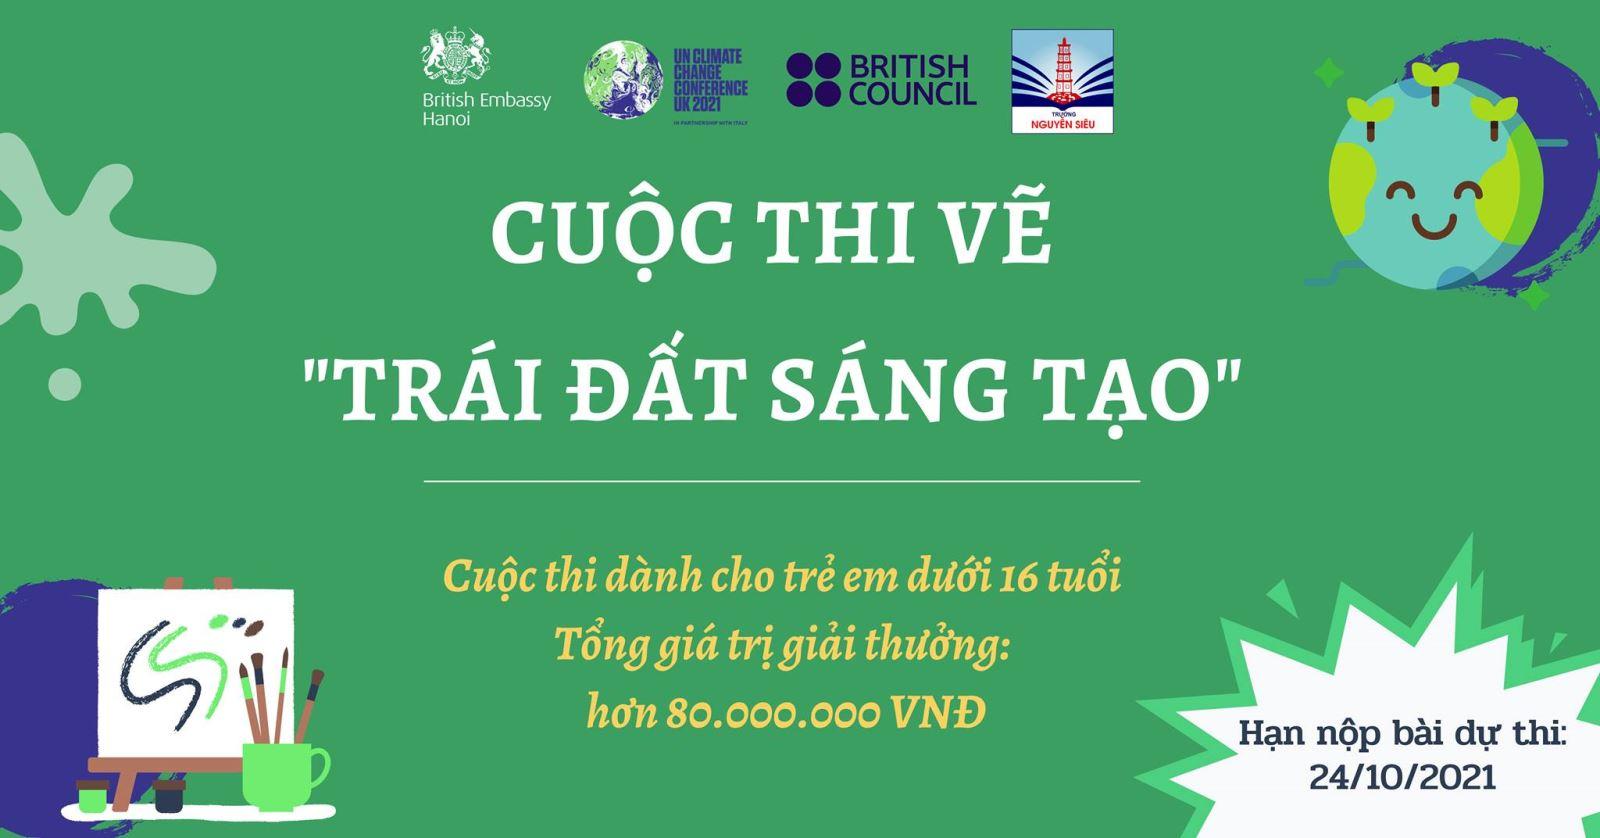 """Phát động Cuộc thi Vẽ """"Trái Đất Sáng Tạo"""" cùng Đại sứ quán Anh tại Việt Nam"""